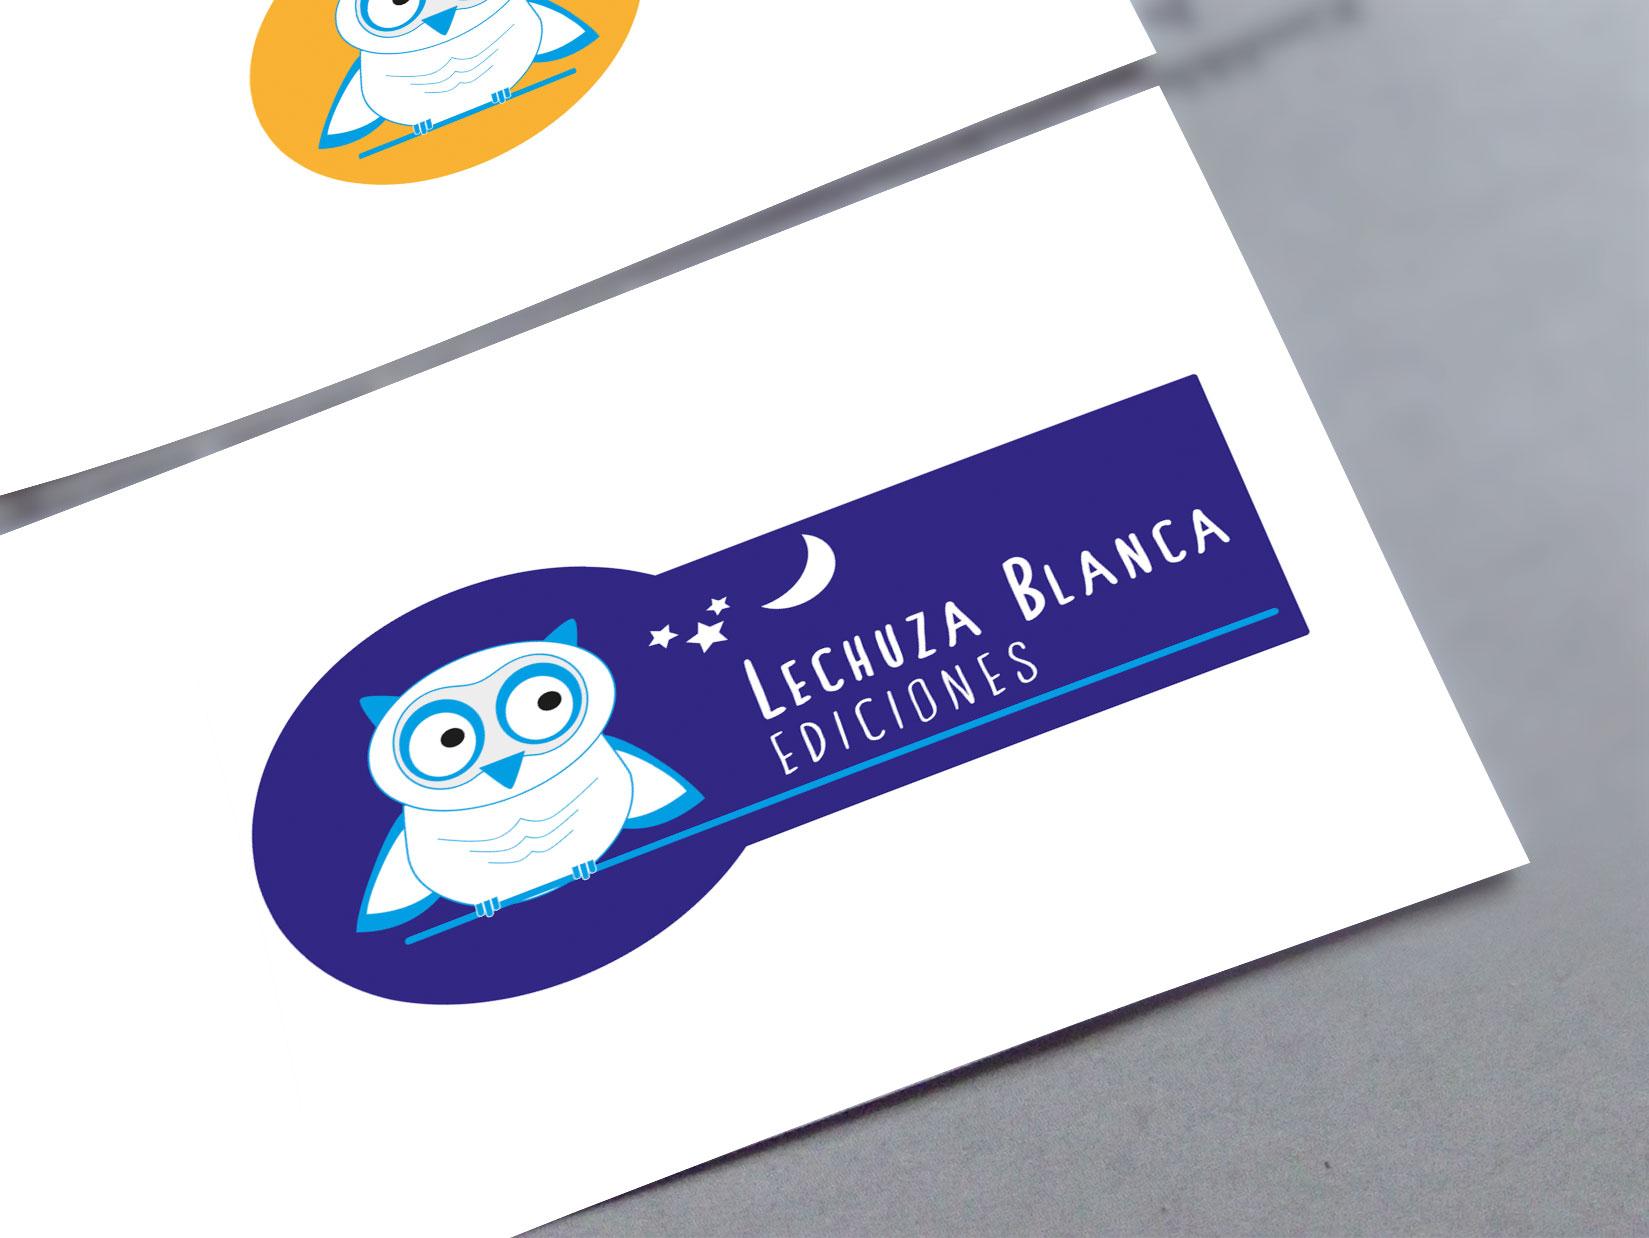 Diseño Logo: creación logotipo para la editorial Lechuza Blanca Ediciones.